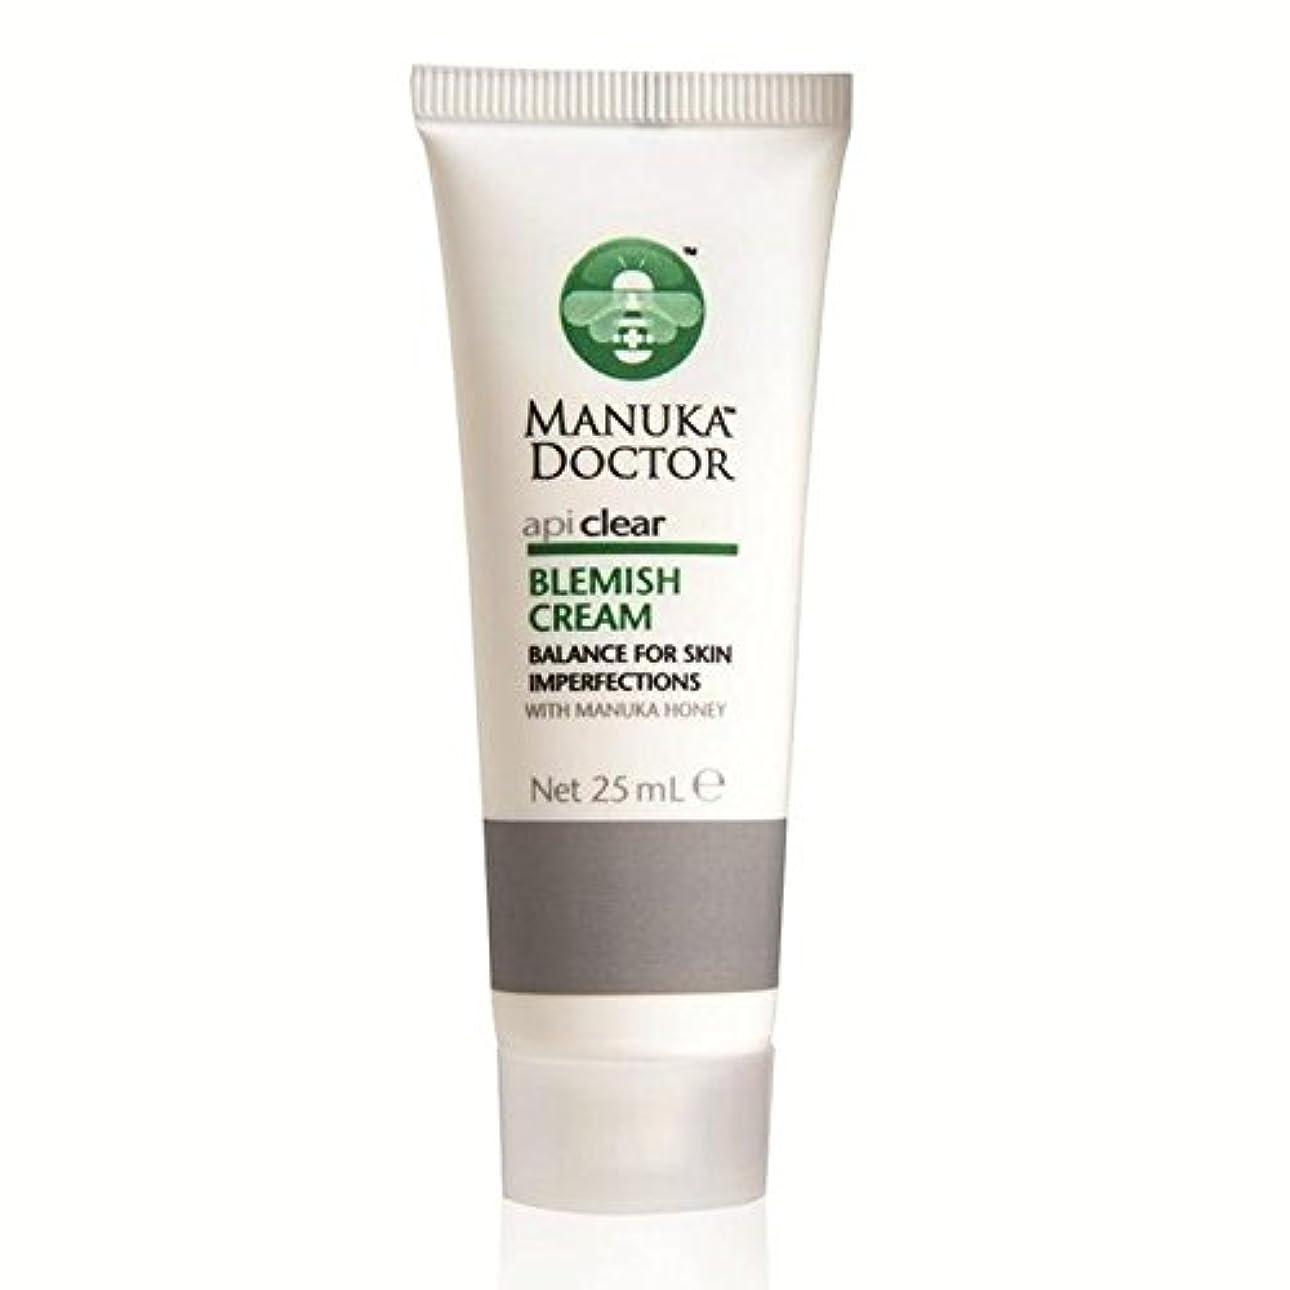 嵐田舎者無力マヌカドクター明確な傷クリーム25ミリリットル x4 - Manuka Doctor Api Clear Blemish Cream 25ml (Pack of 4) [並行輸入品]